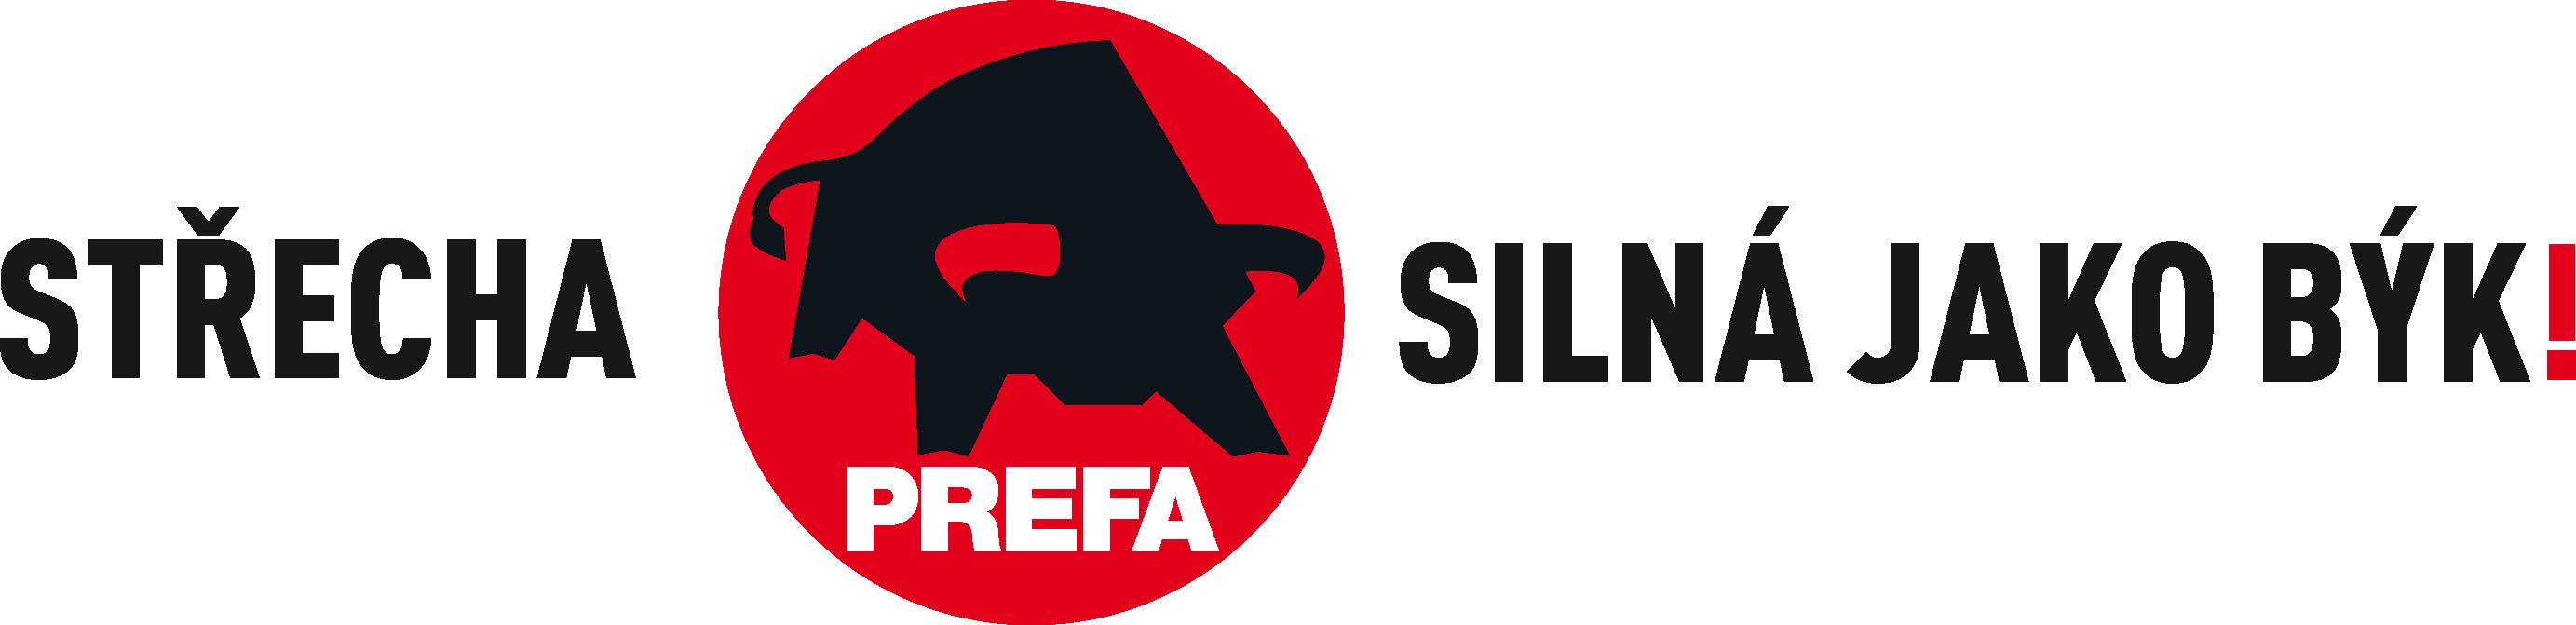 PREFA logo - střecha silná jako býk